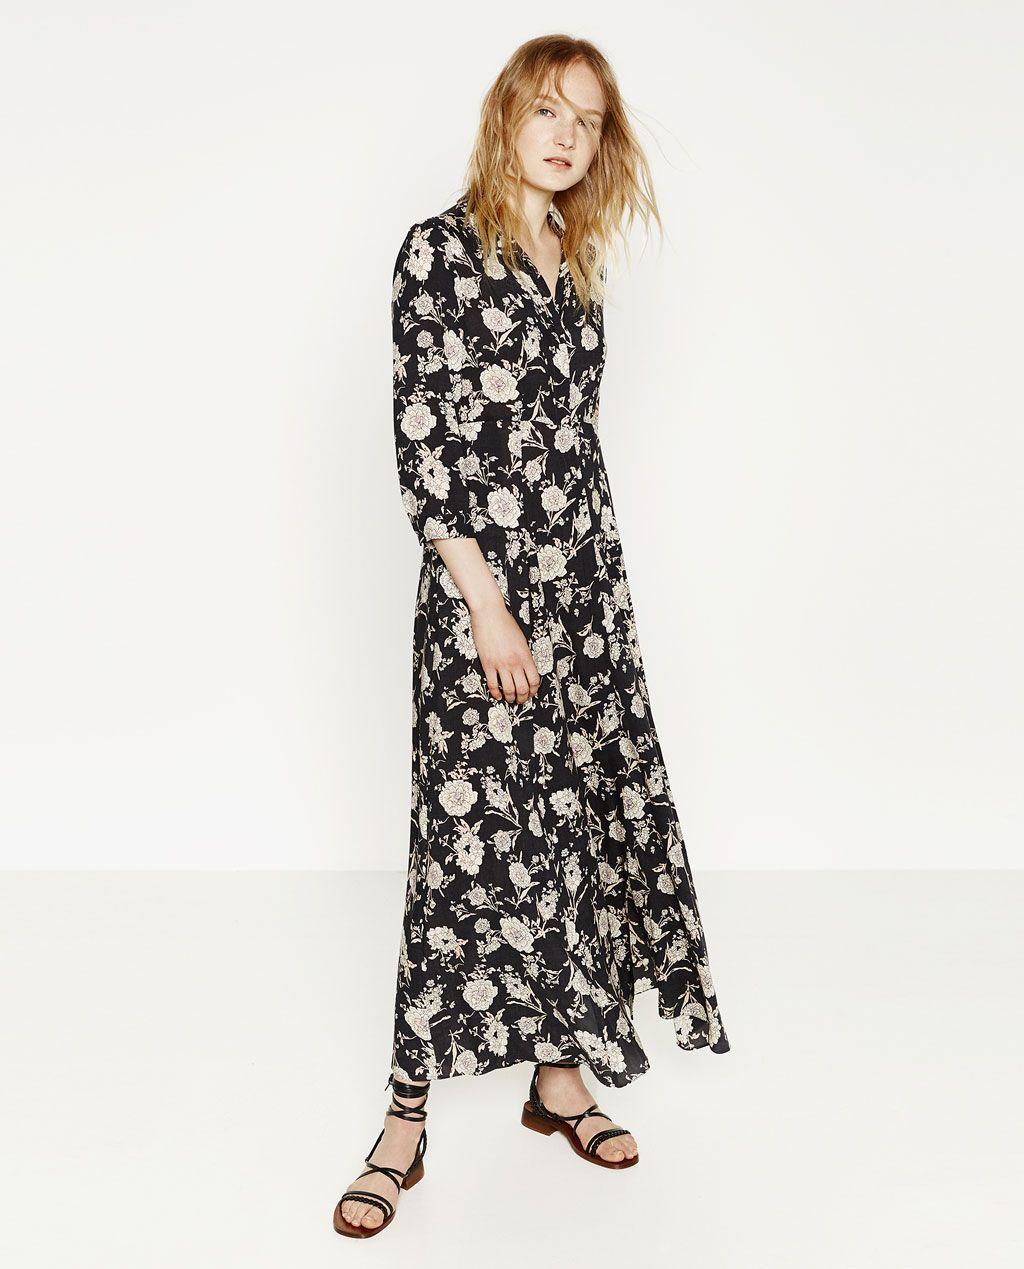 971f98059a FLORAL PRINT DRESS-Maxi-DRESSES-WOMAN-SALE | ZARA United States ...